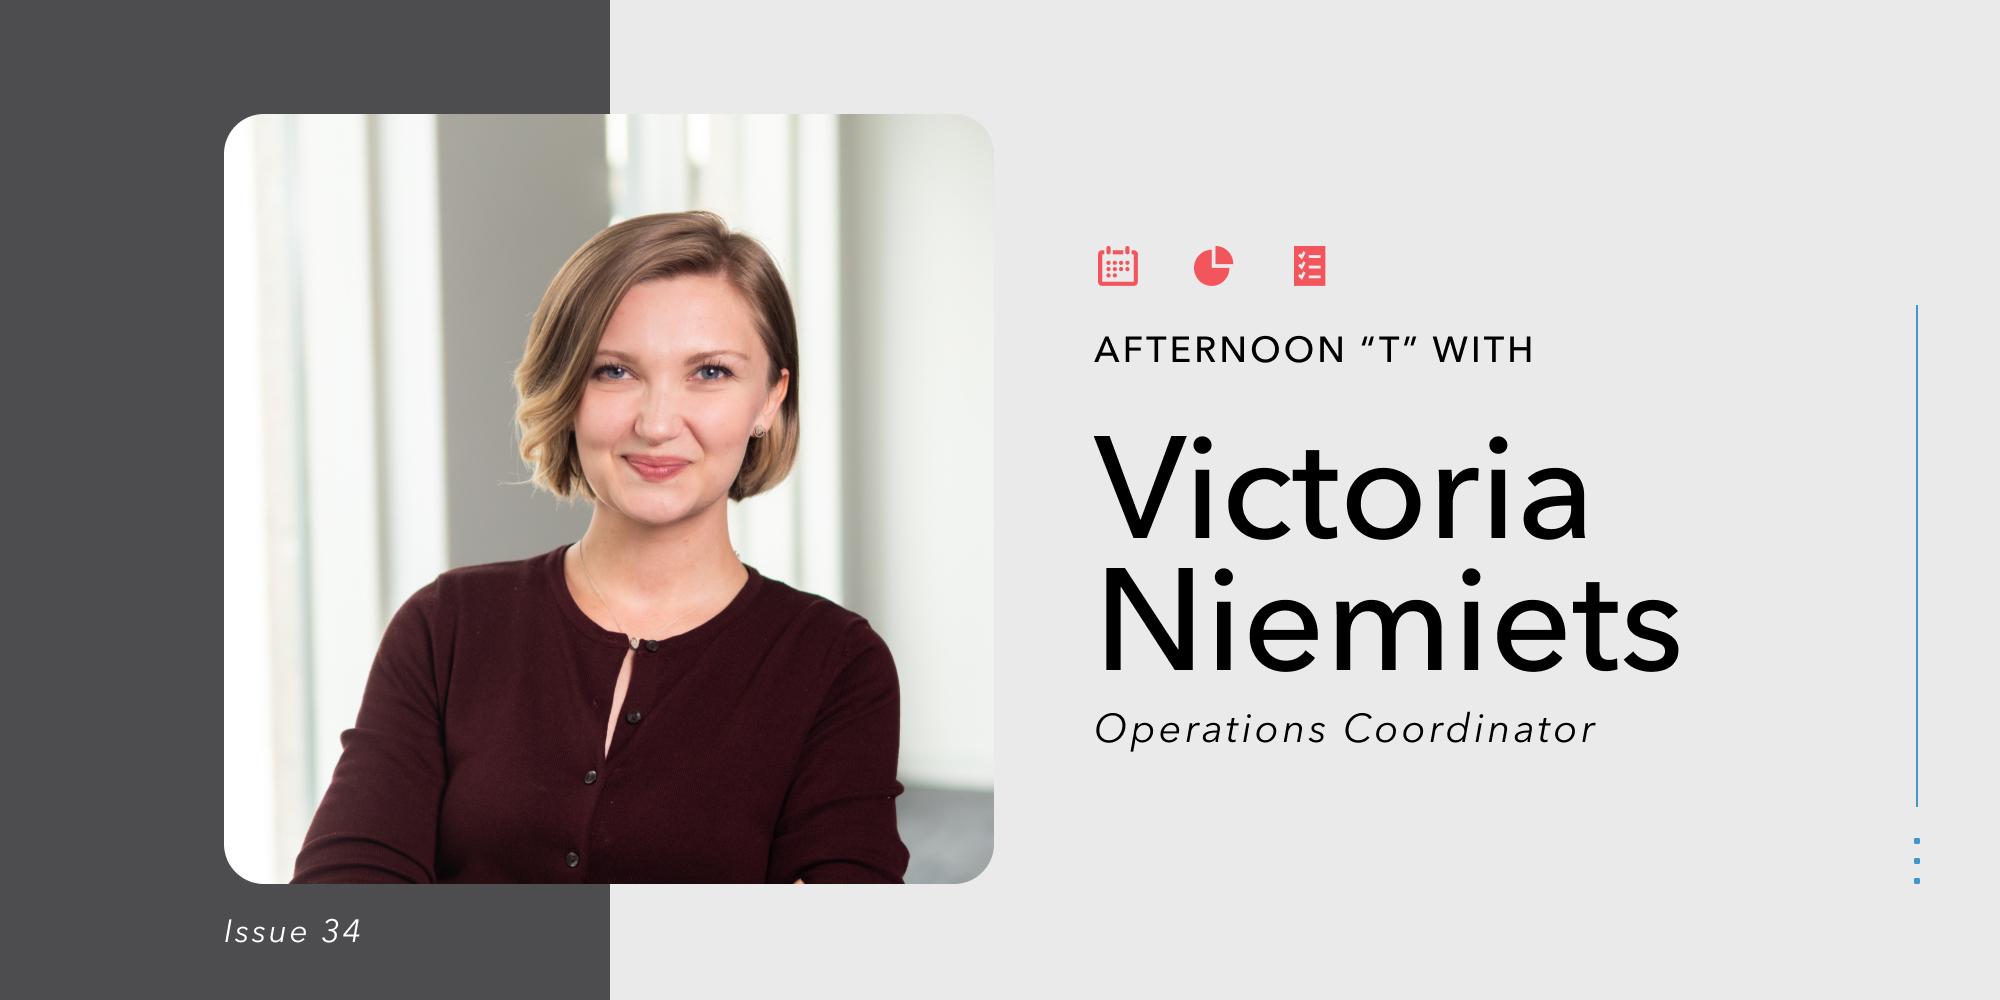 Victoria Niemiets